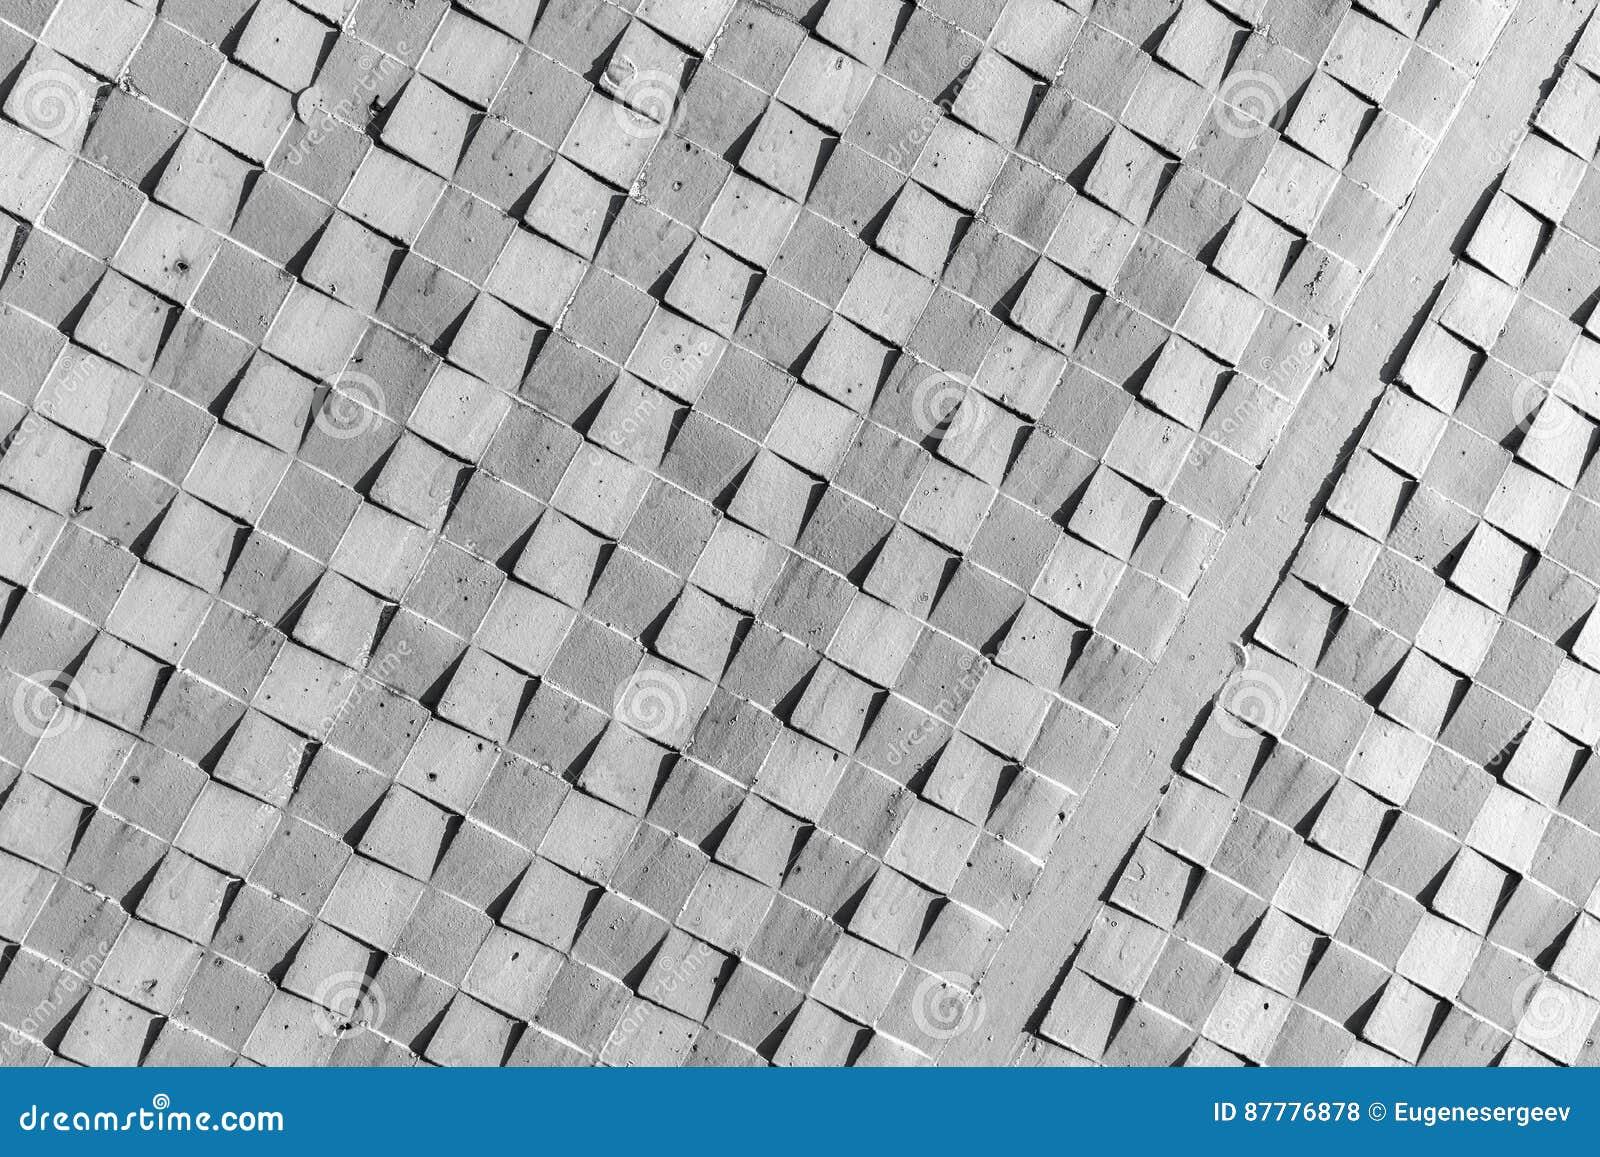 Mur en béton gris, modèle carré abstrait